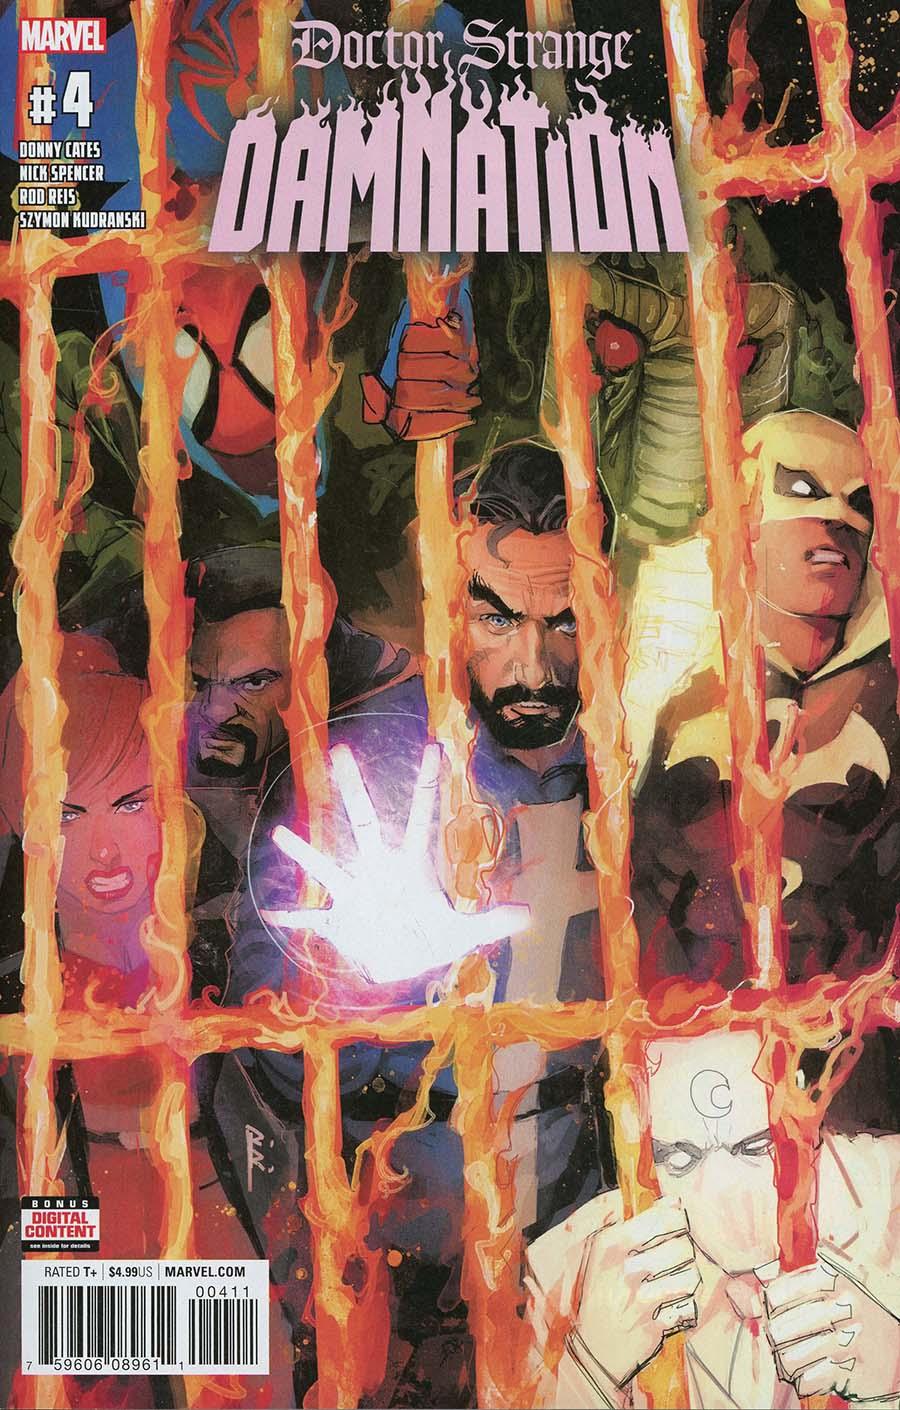 Doctor Strange Damnation #4 Cover A Regular Rod Reis Cover